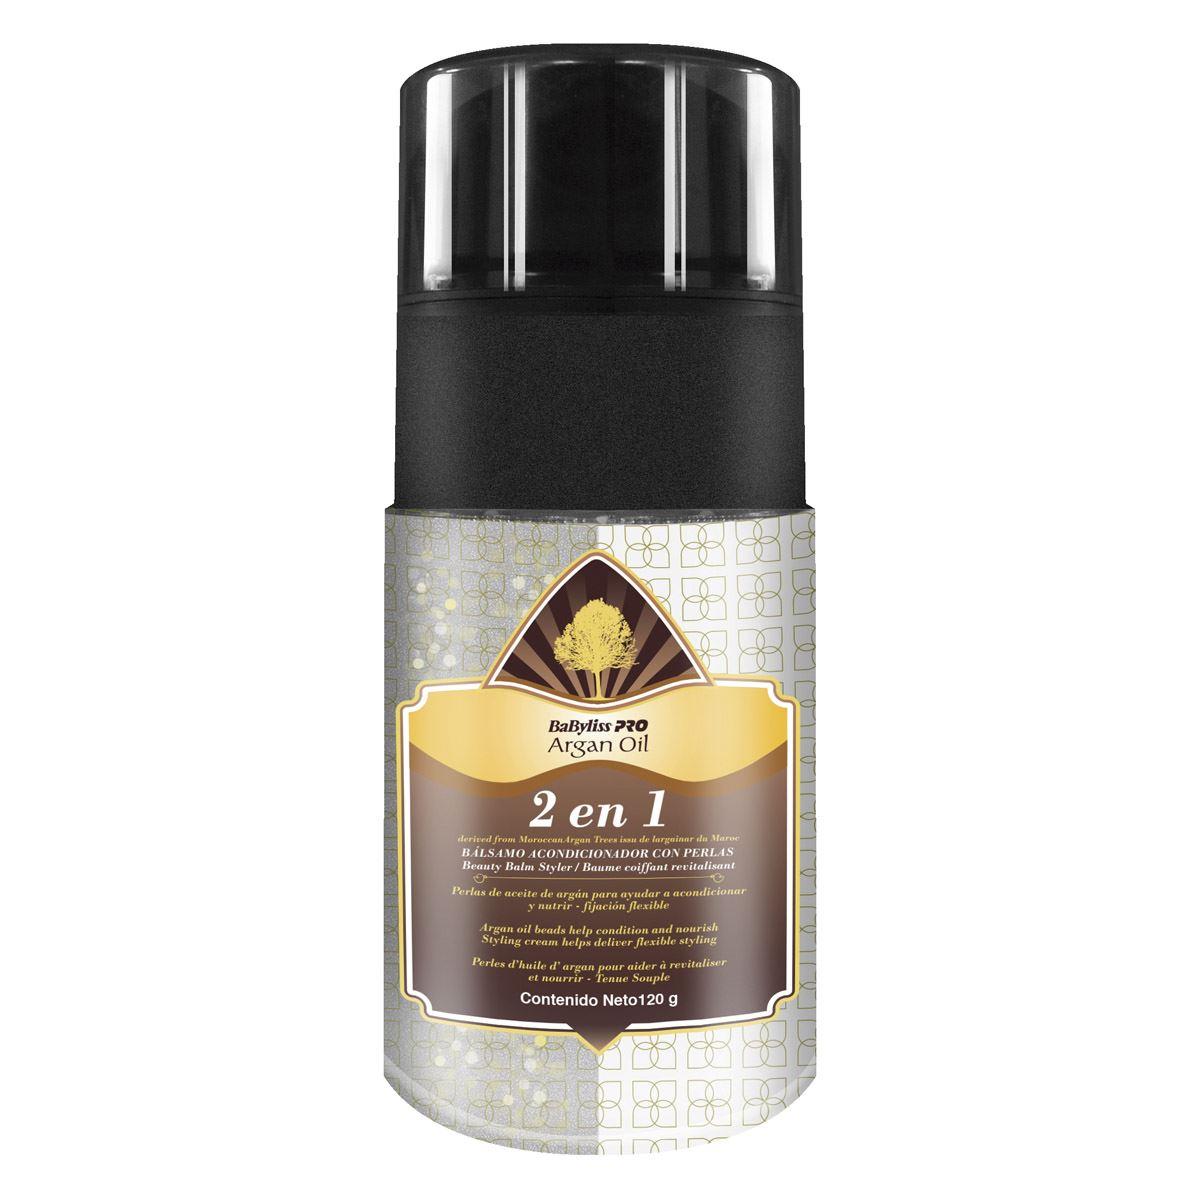 Balsamo estilizador 2 en 1 crema / aceite  - Sanborns